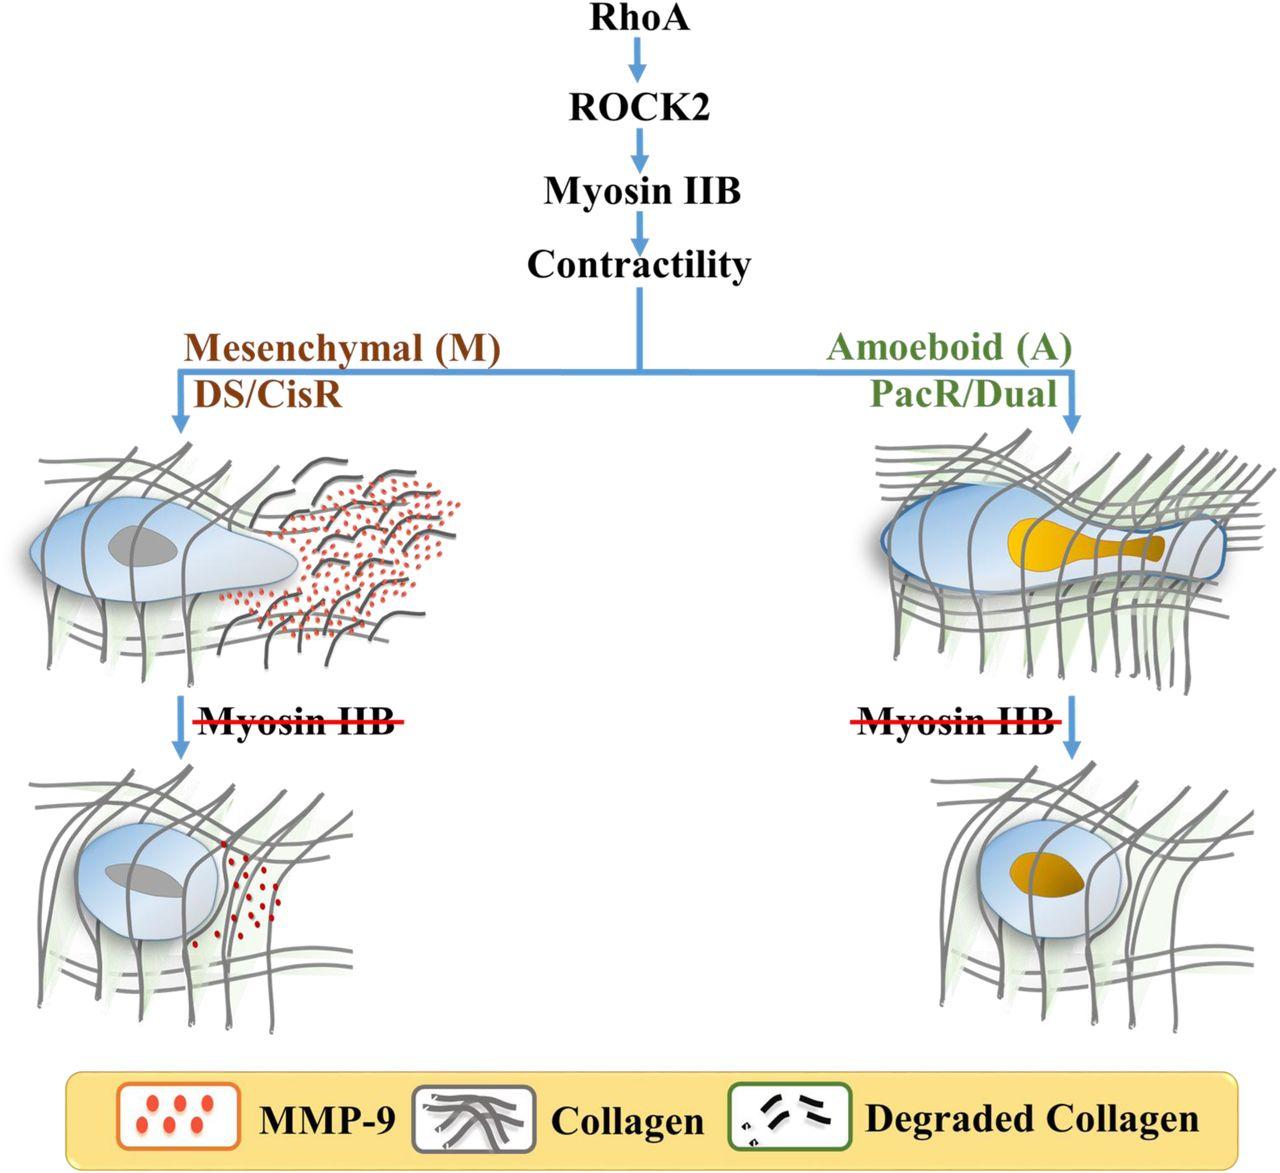 Soft drug-resistant ovarian cancer cells invade via two